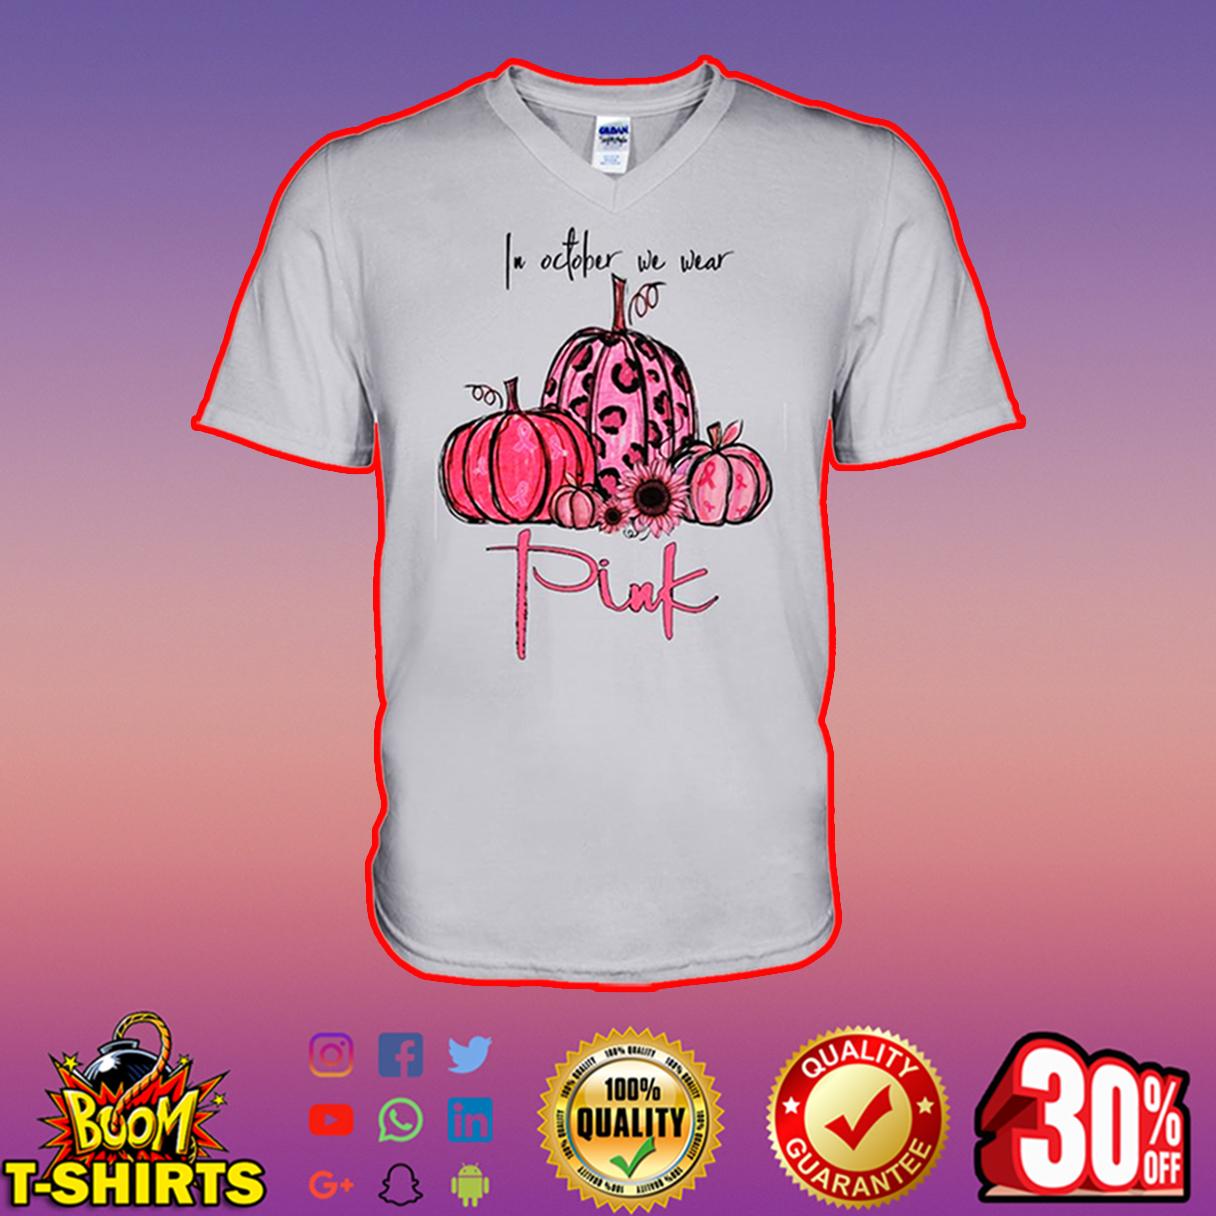 In october we wear pink v-neck